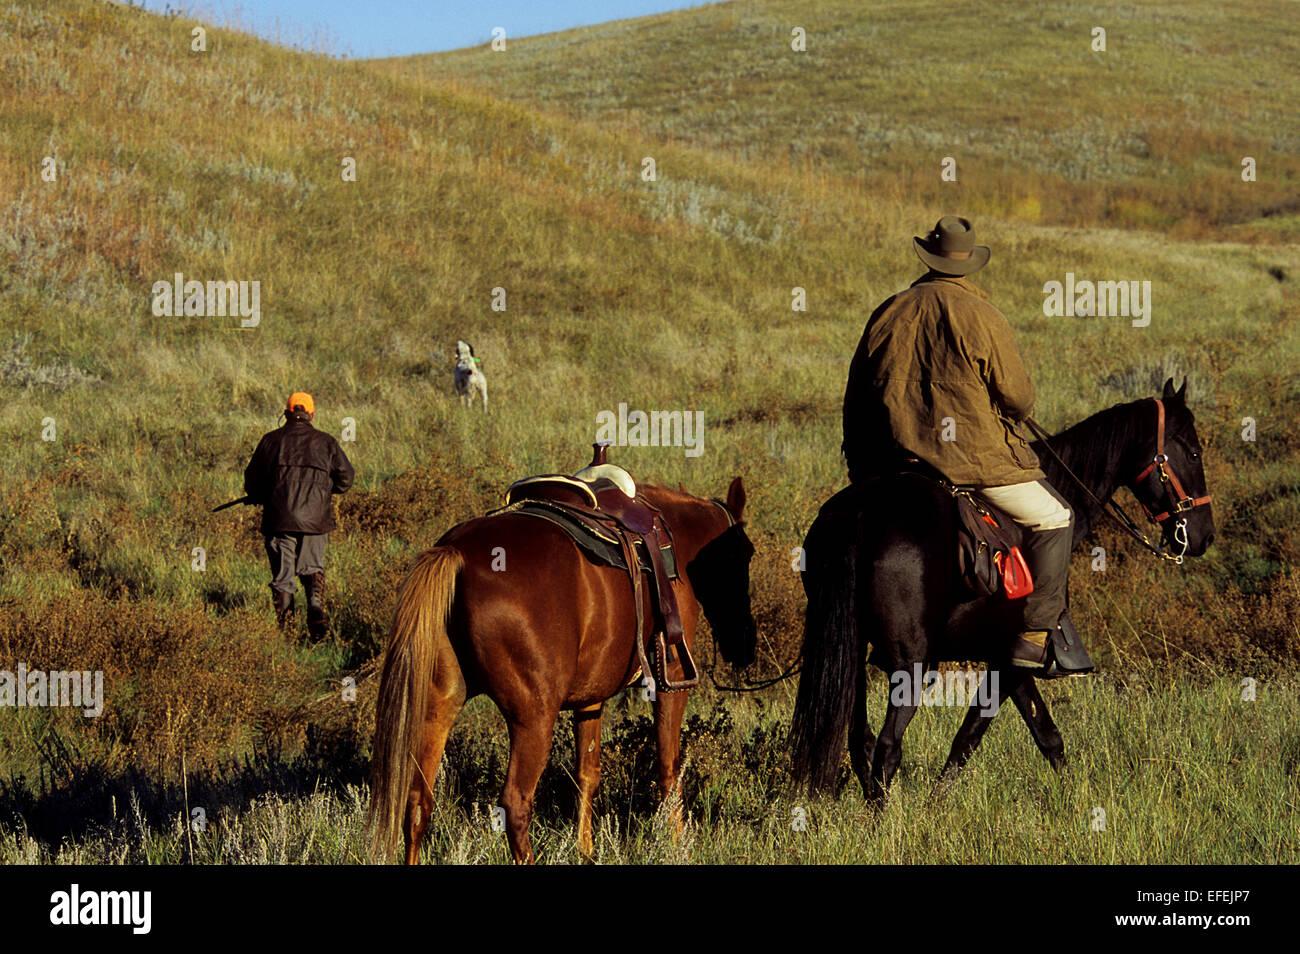 Gallo cedrone cacciatori a cavallo durante la caccia a cavallo con cani nella prateria vicino a Pierre Dakota del Immagini Stock